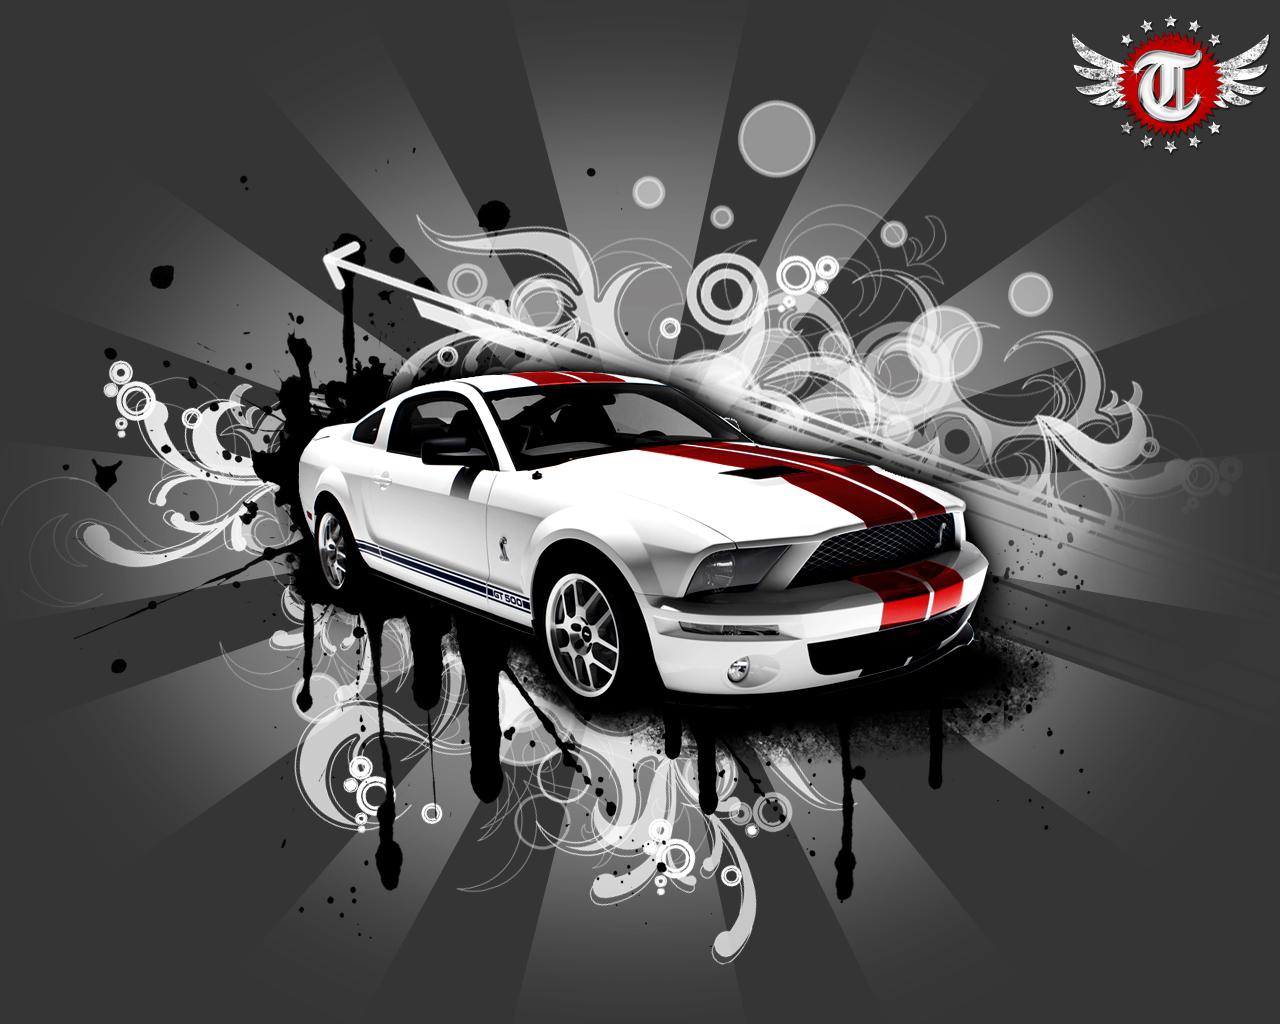 http://4.bp.blogspot.com/_bTzascmWxyA/TQkPT4G1QyI/AAAAAAAAI-g/sTqYWilwKAg/s1600/Mustang_GT500_Wallpaper_by_tomson.jpg